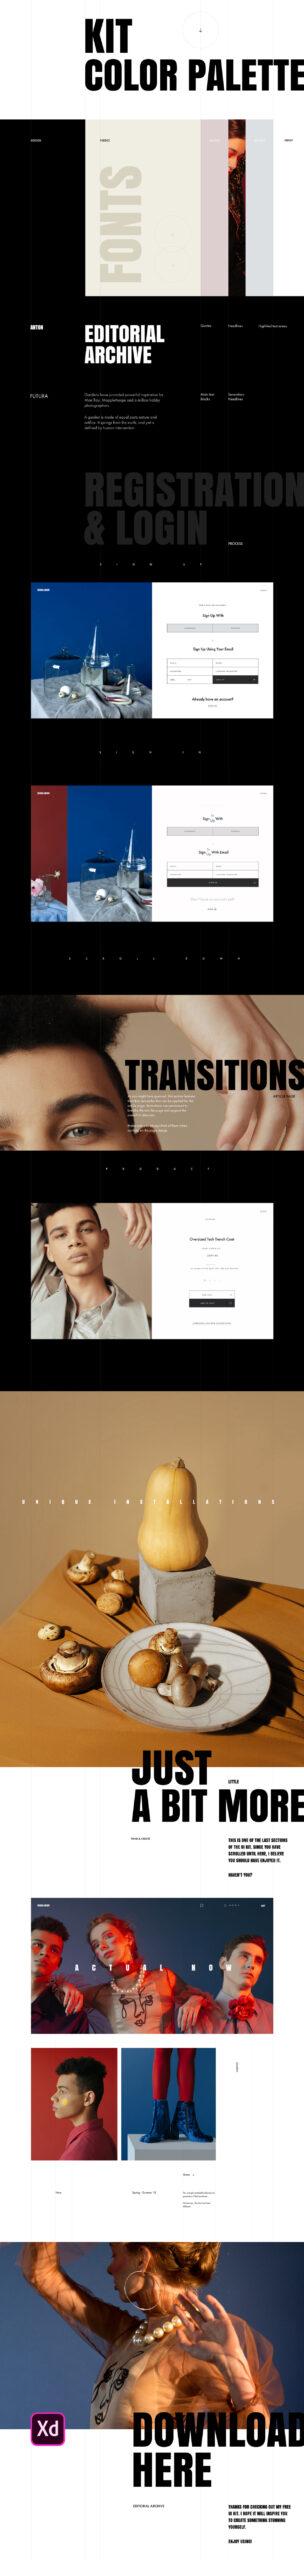 时尚编辑用户界面套件插图1